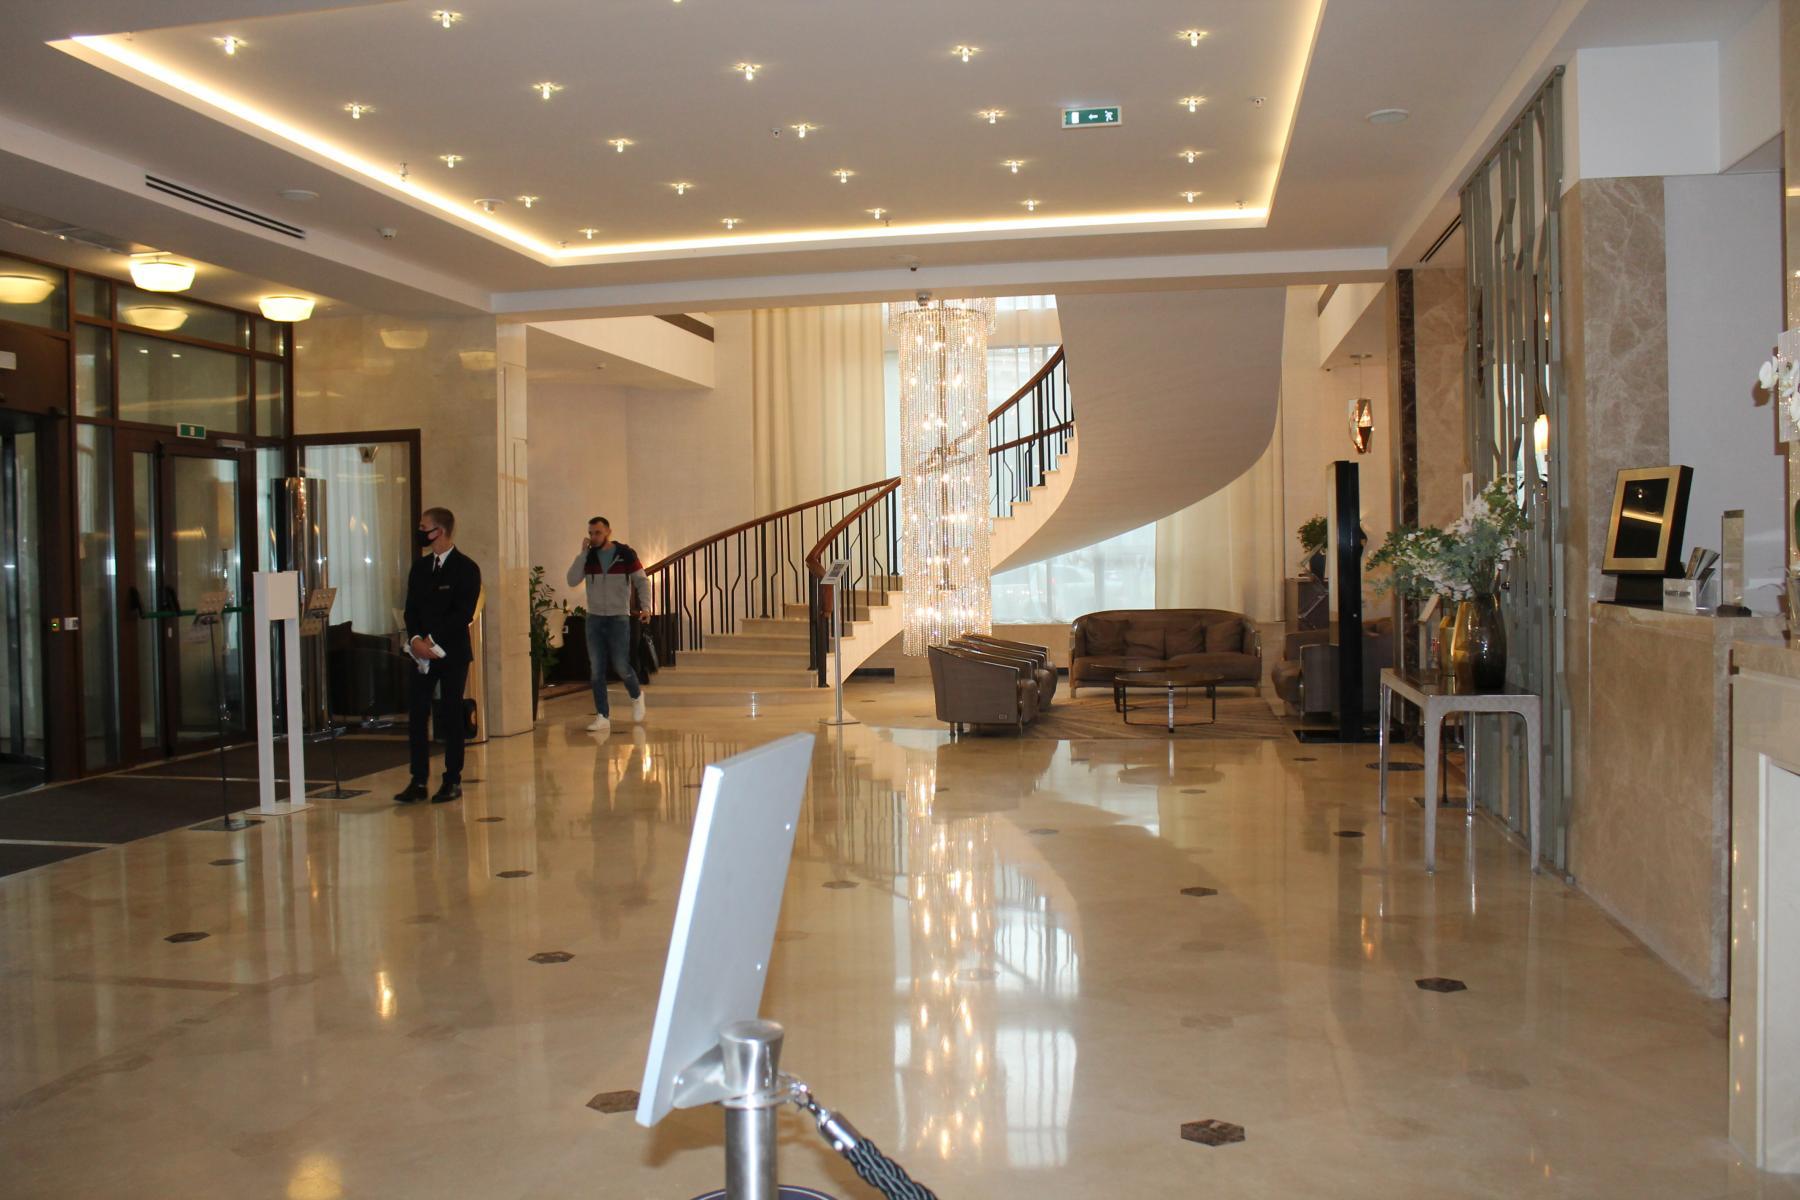 Фото Таинственное убийство в Marriott: новосибирского скульптора Игоря Самарина нашли с перерезанным горлом в отеле 3